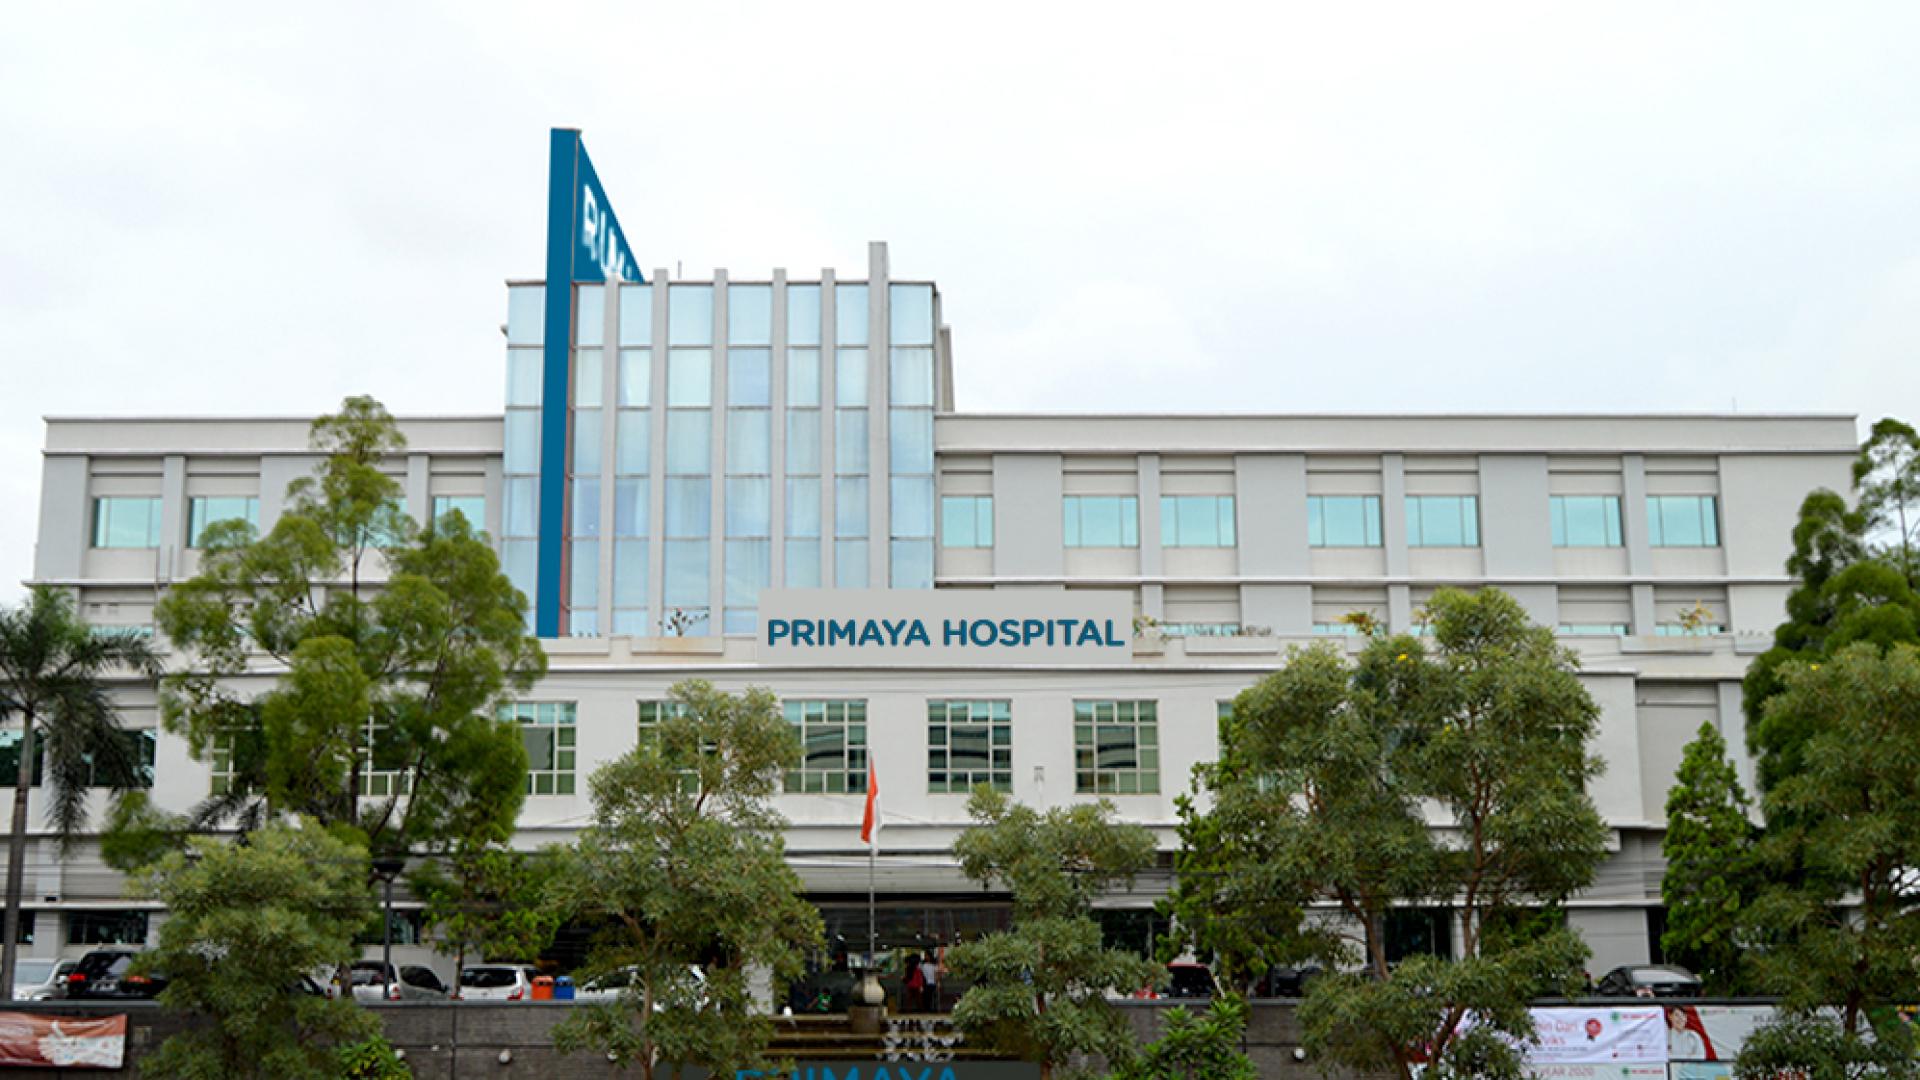 Primaya Hospital Bekasi Barat